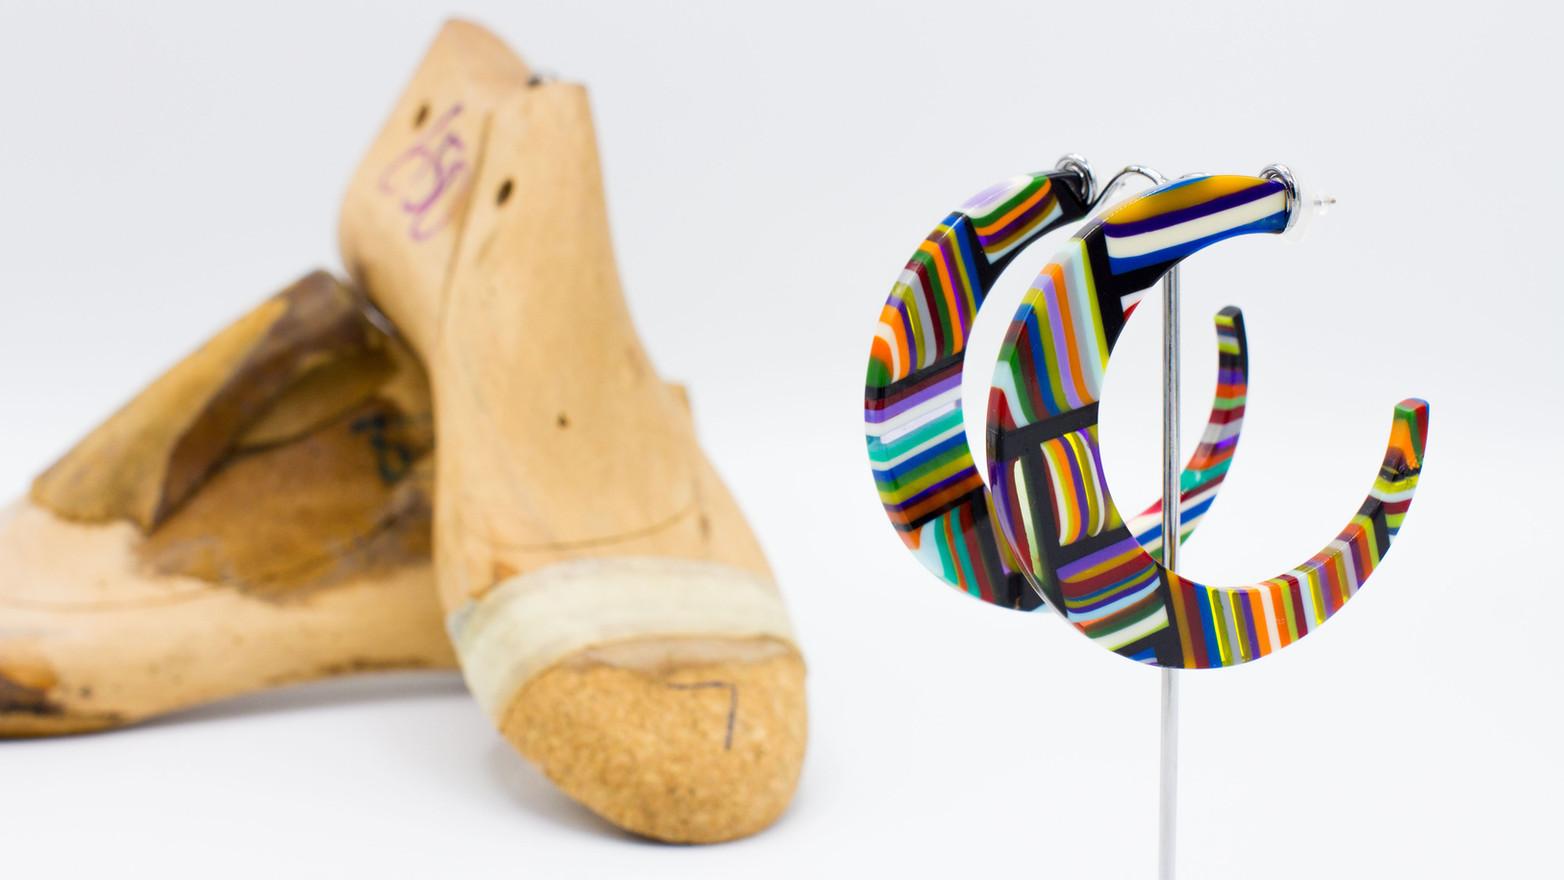 Schmuckstück aus der Sélection Actuelle der Herbst Kollektion mit einem Paar bunter Kreolen aus teilweise transparentem Kunststoff